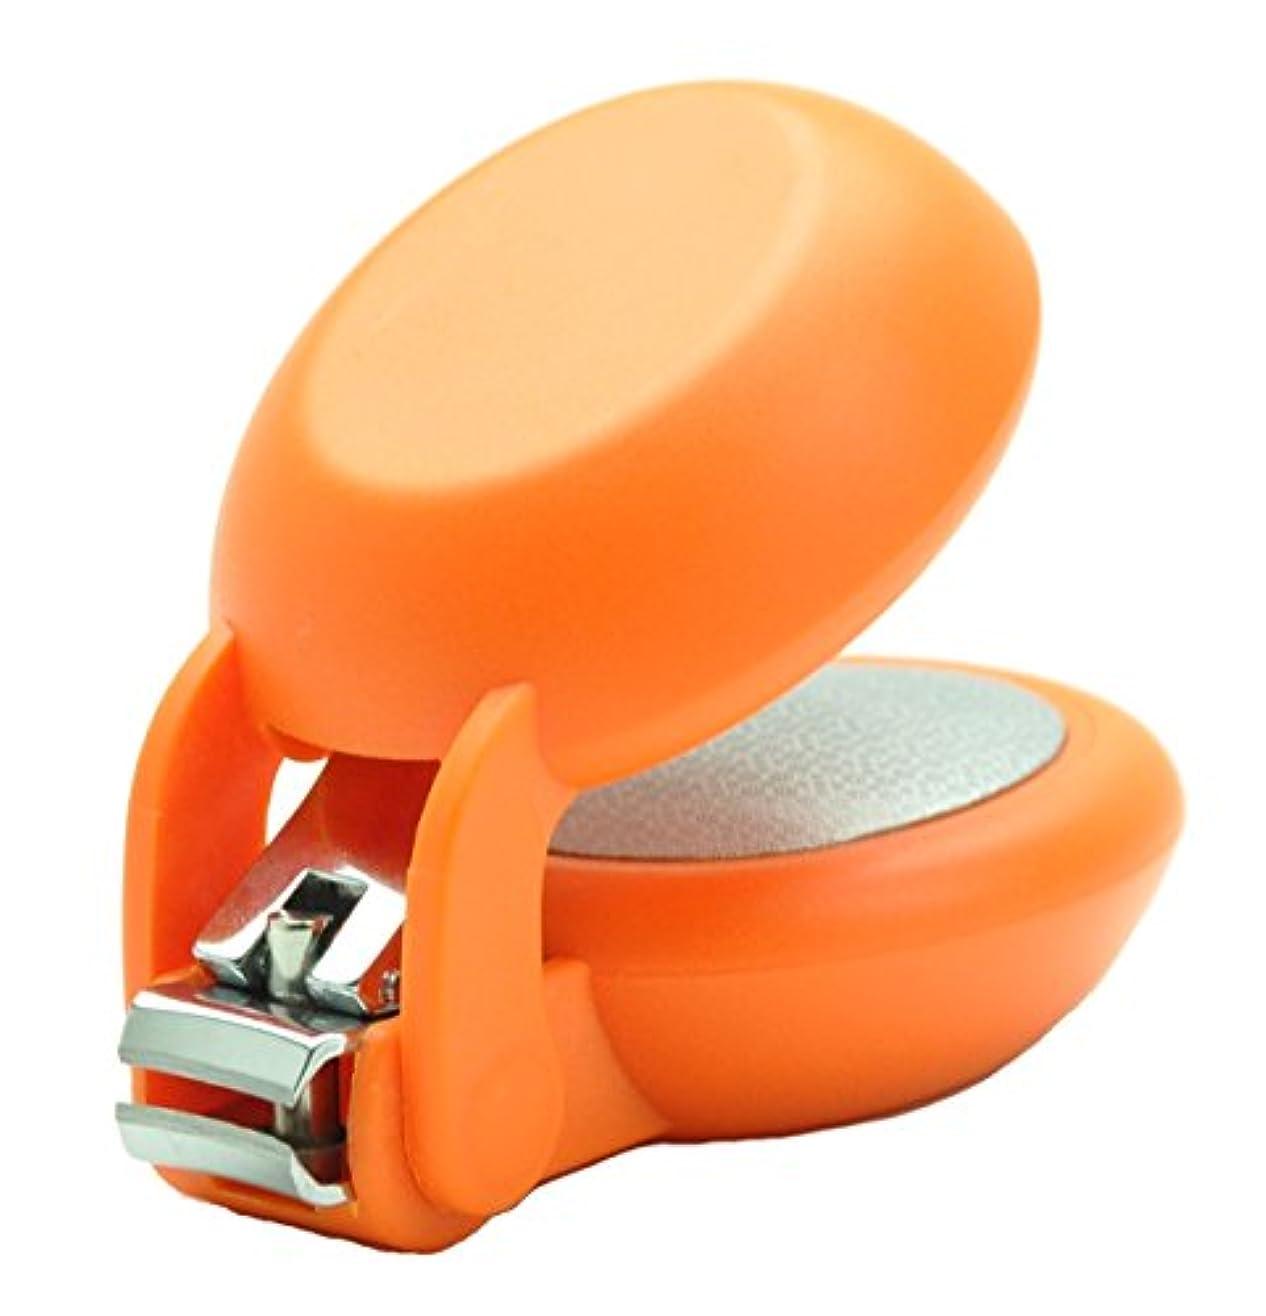 喉が渇いた良心感謝している爪切り nail clipper (ネイルクリッパー) Nail+ (ネイルプラス) Orange (オレンジ)